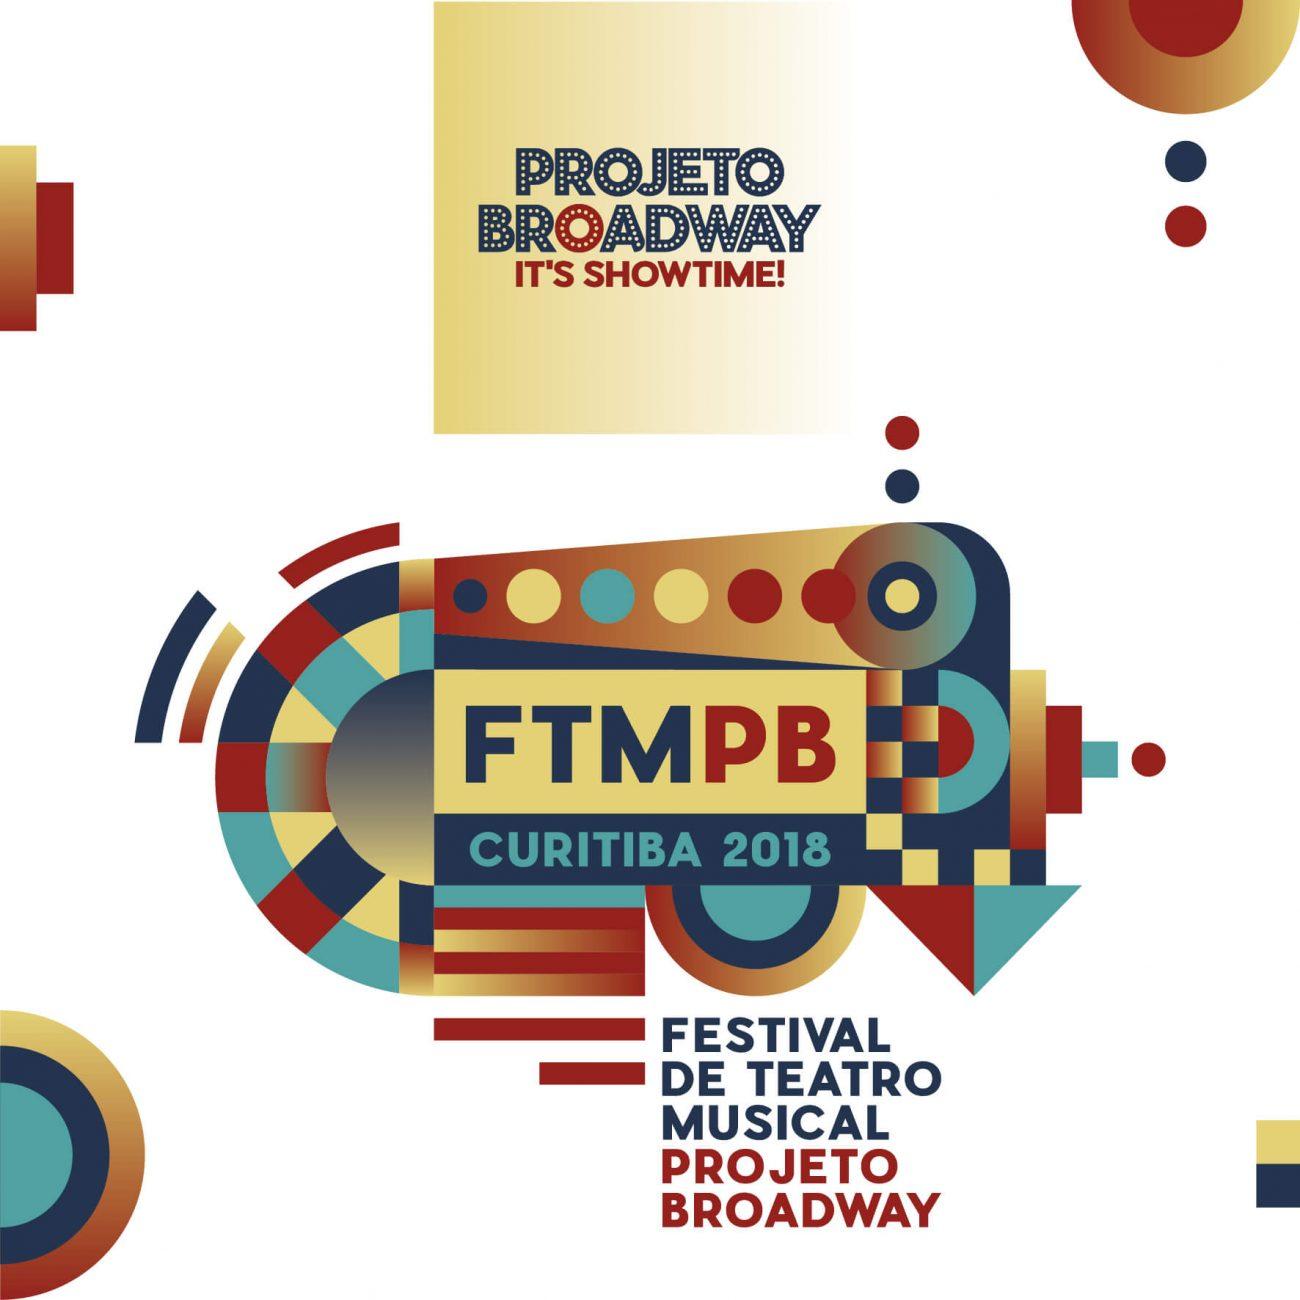 Festival proje